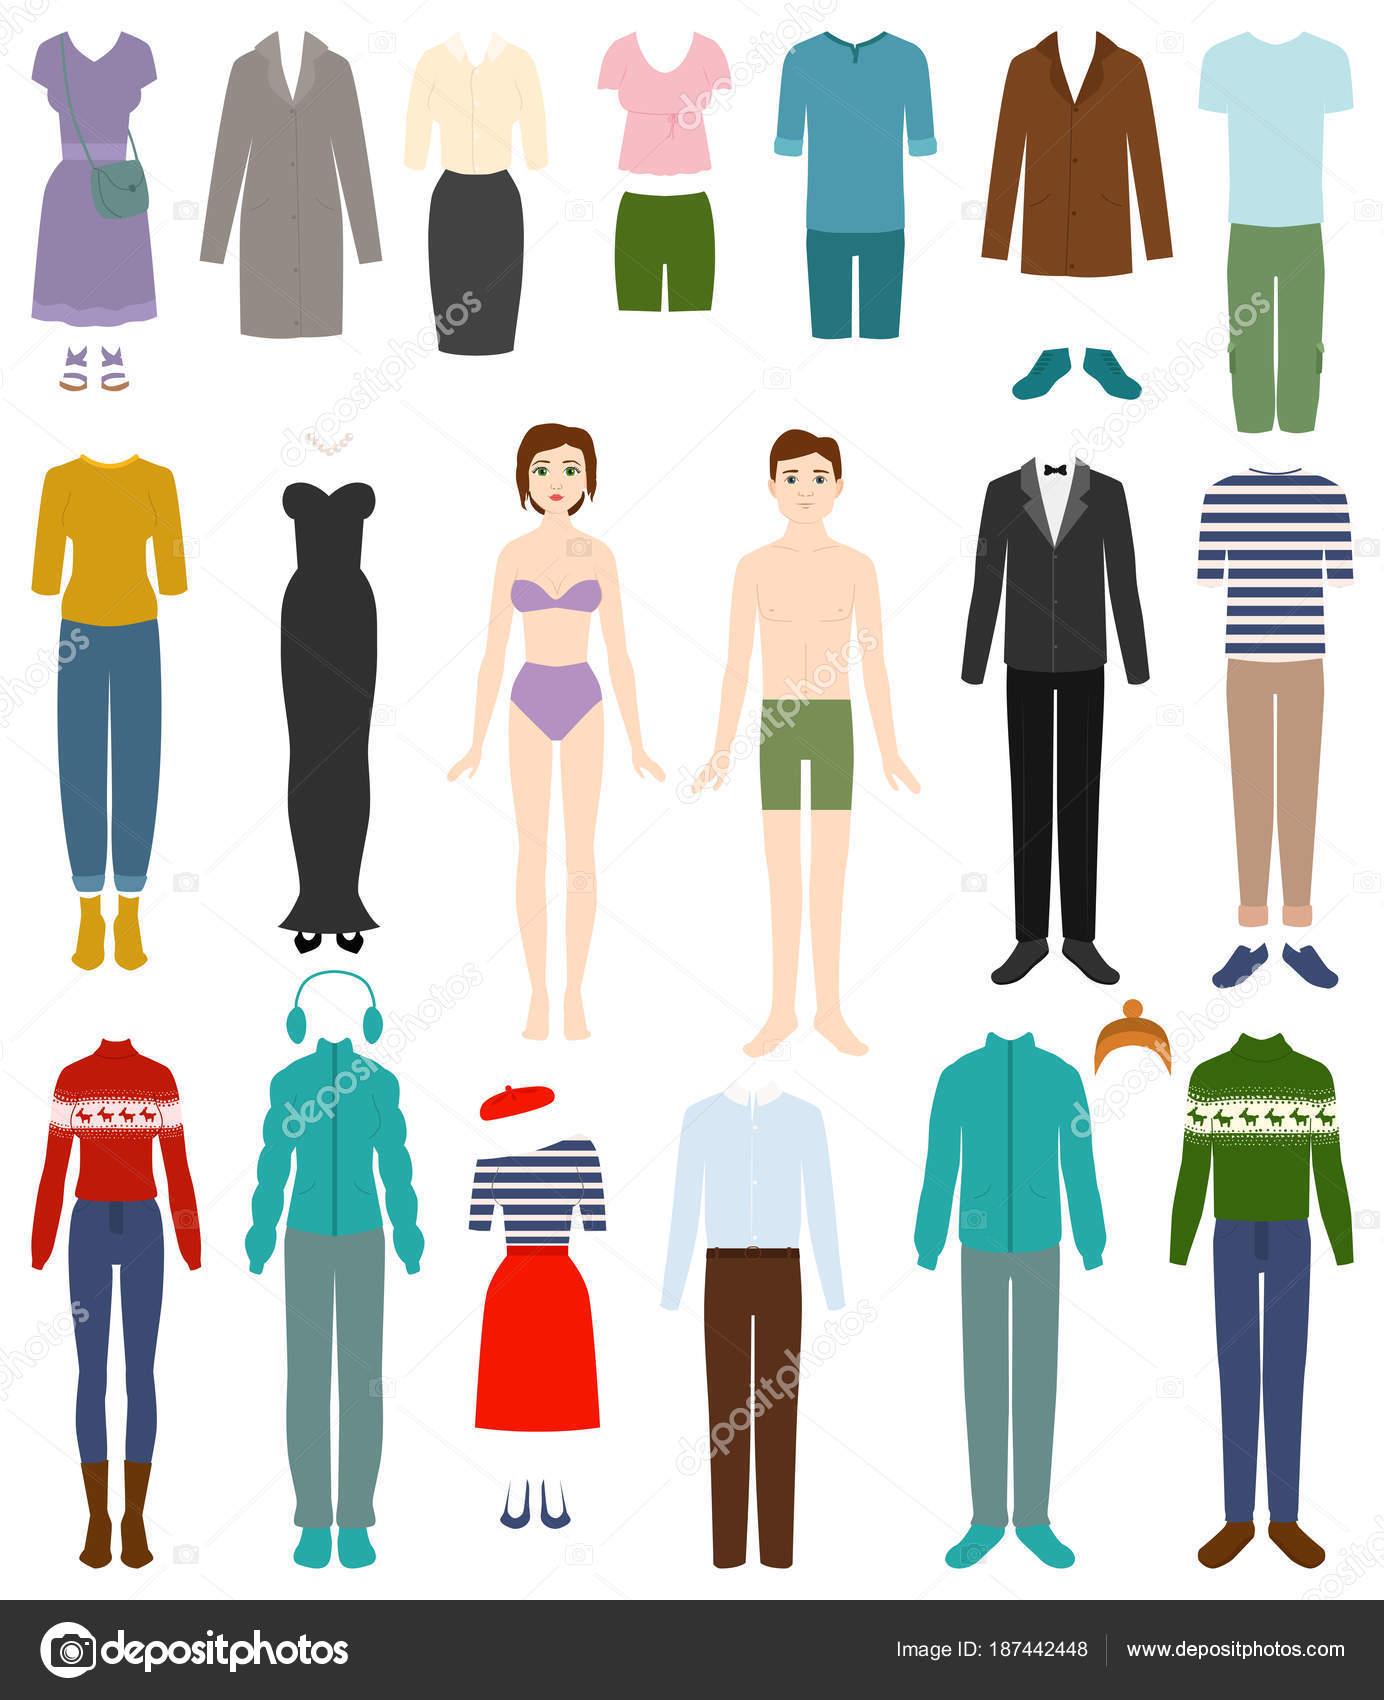 10c84a9462 Ropa hombre vestido con ropa e ilustración de accesorios de moda masculina  o femenina o mujer